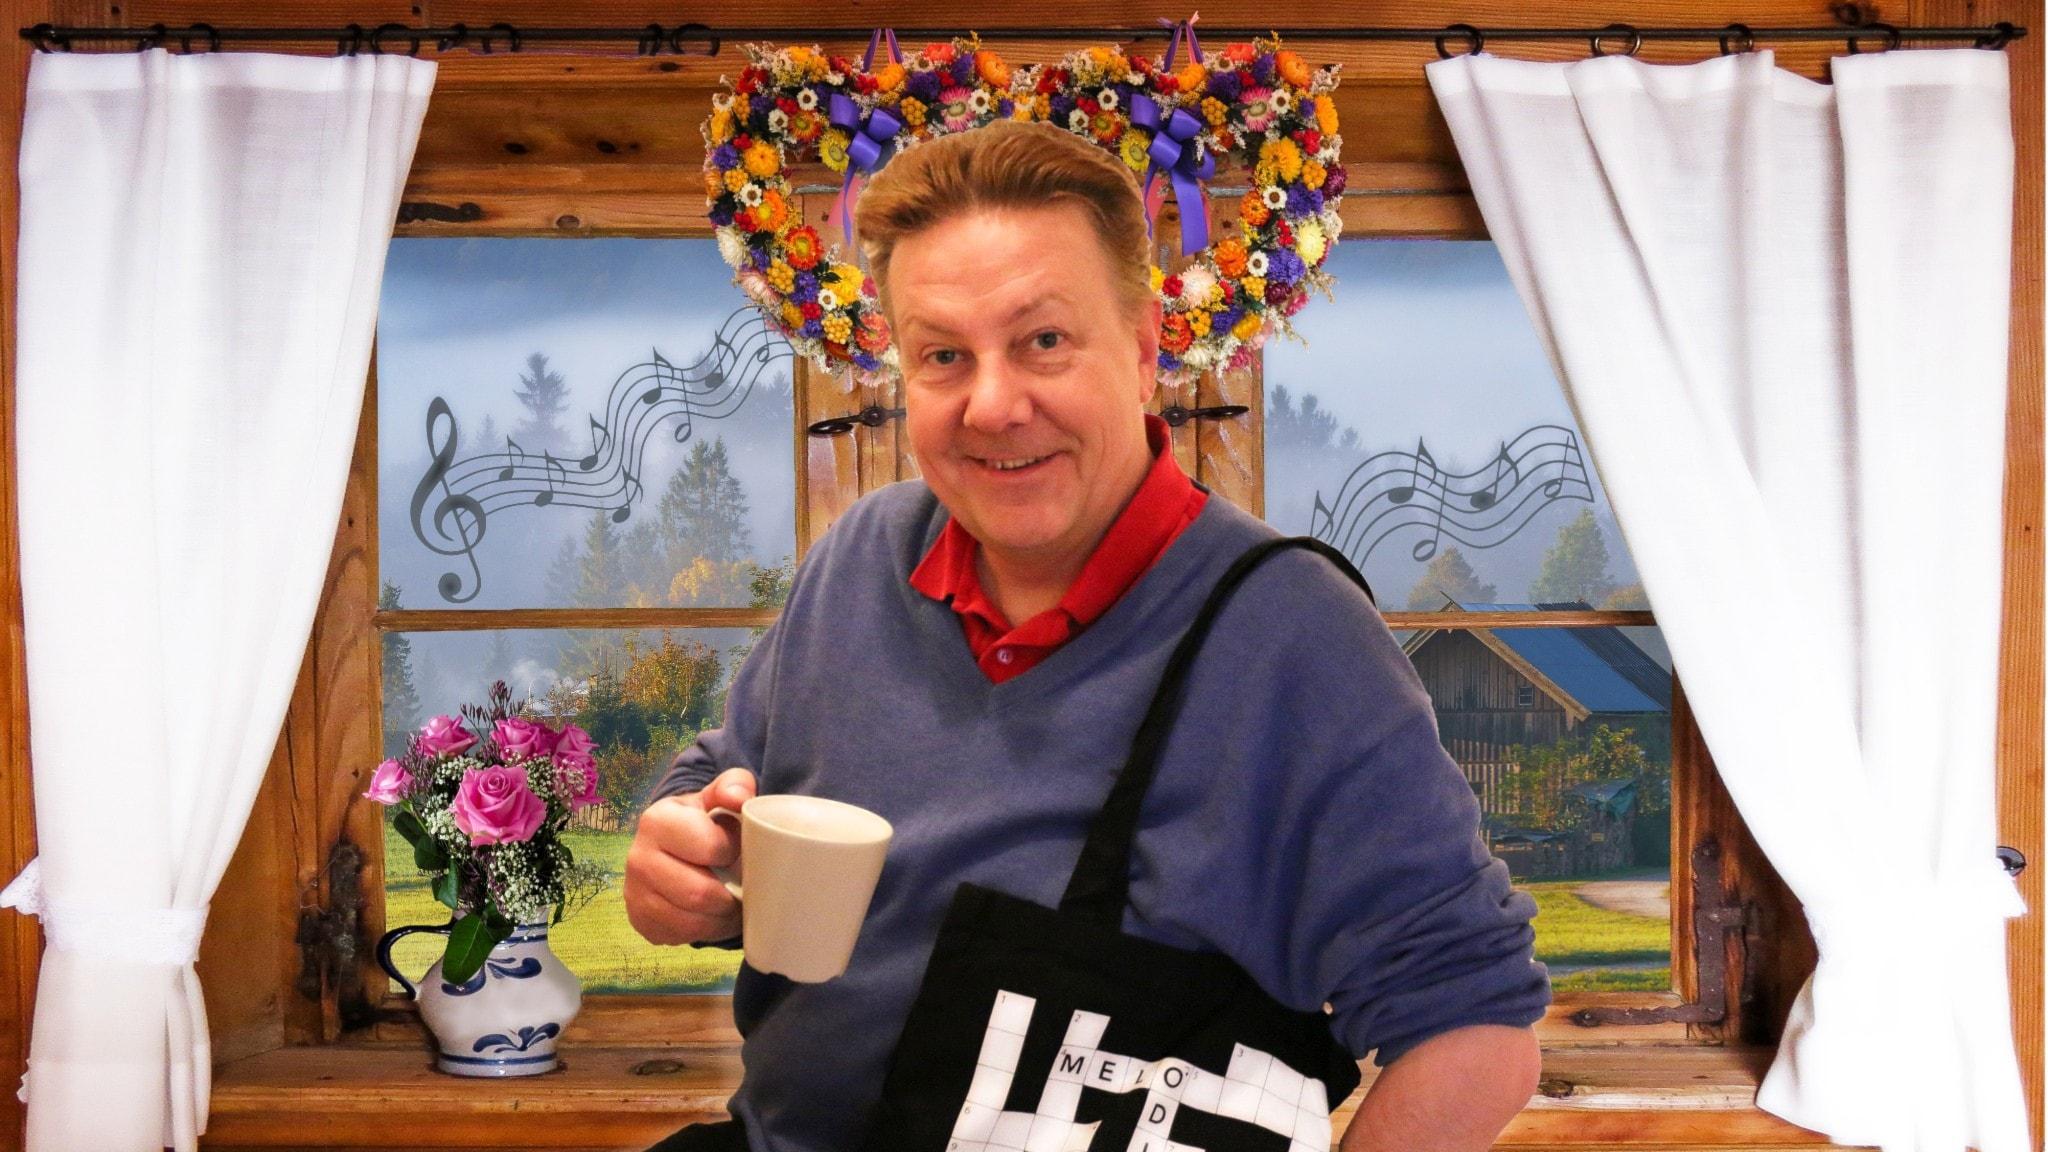 Anders Eldeman i mysig miljö på landet där man anar en ladugård genom fönstret. I handen håller han en kopp kaffe.